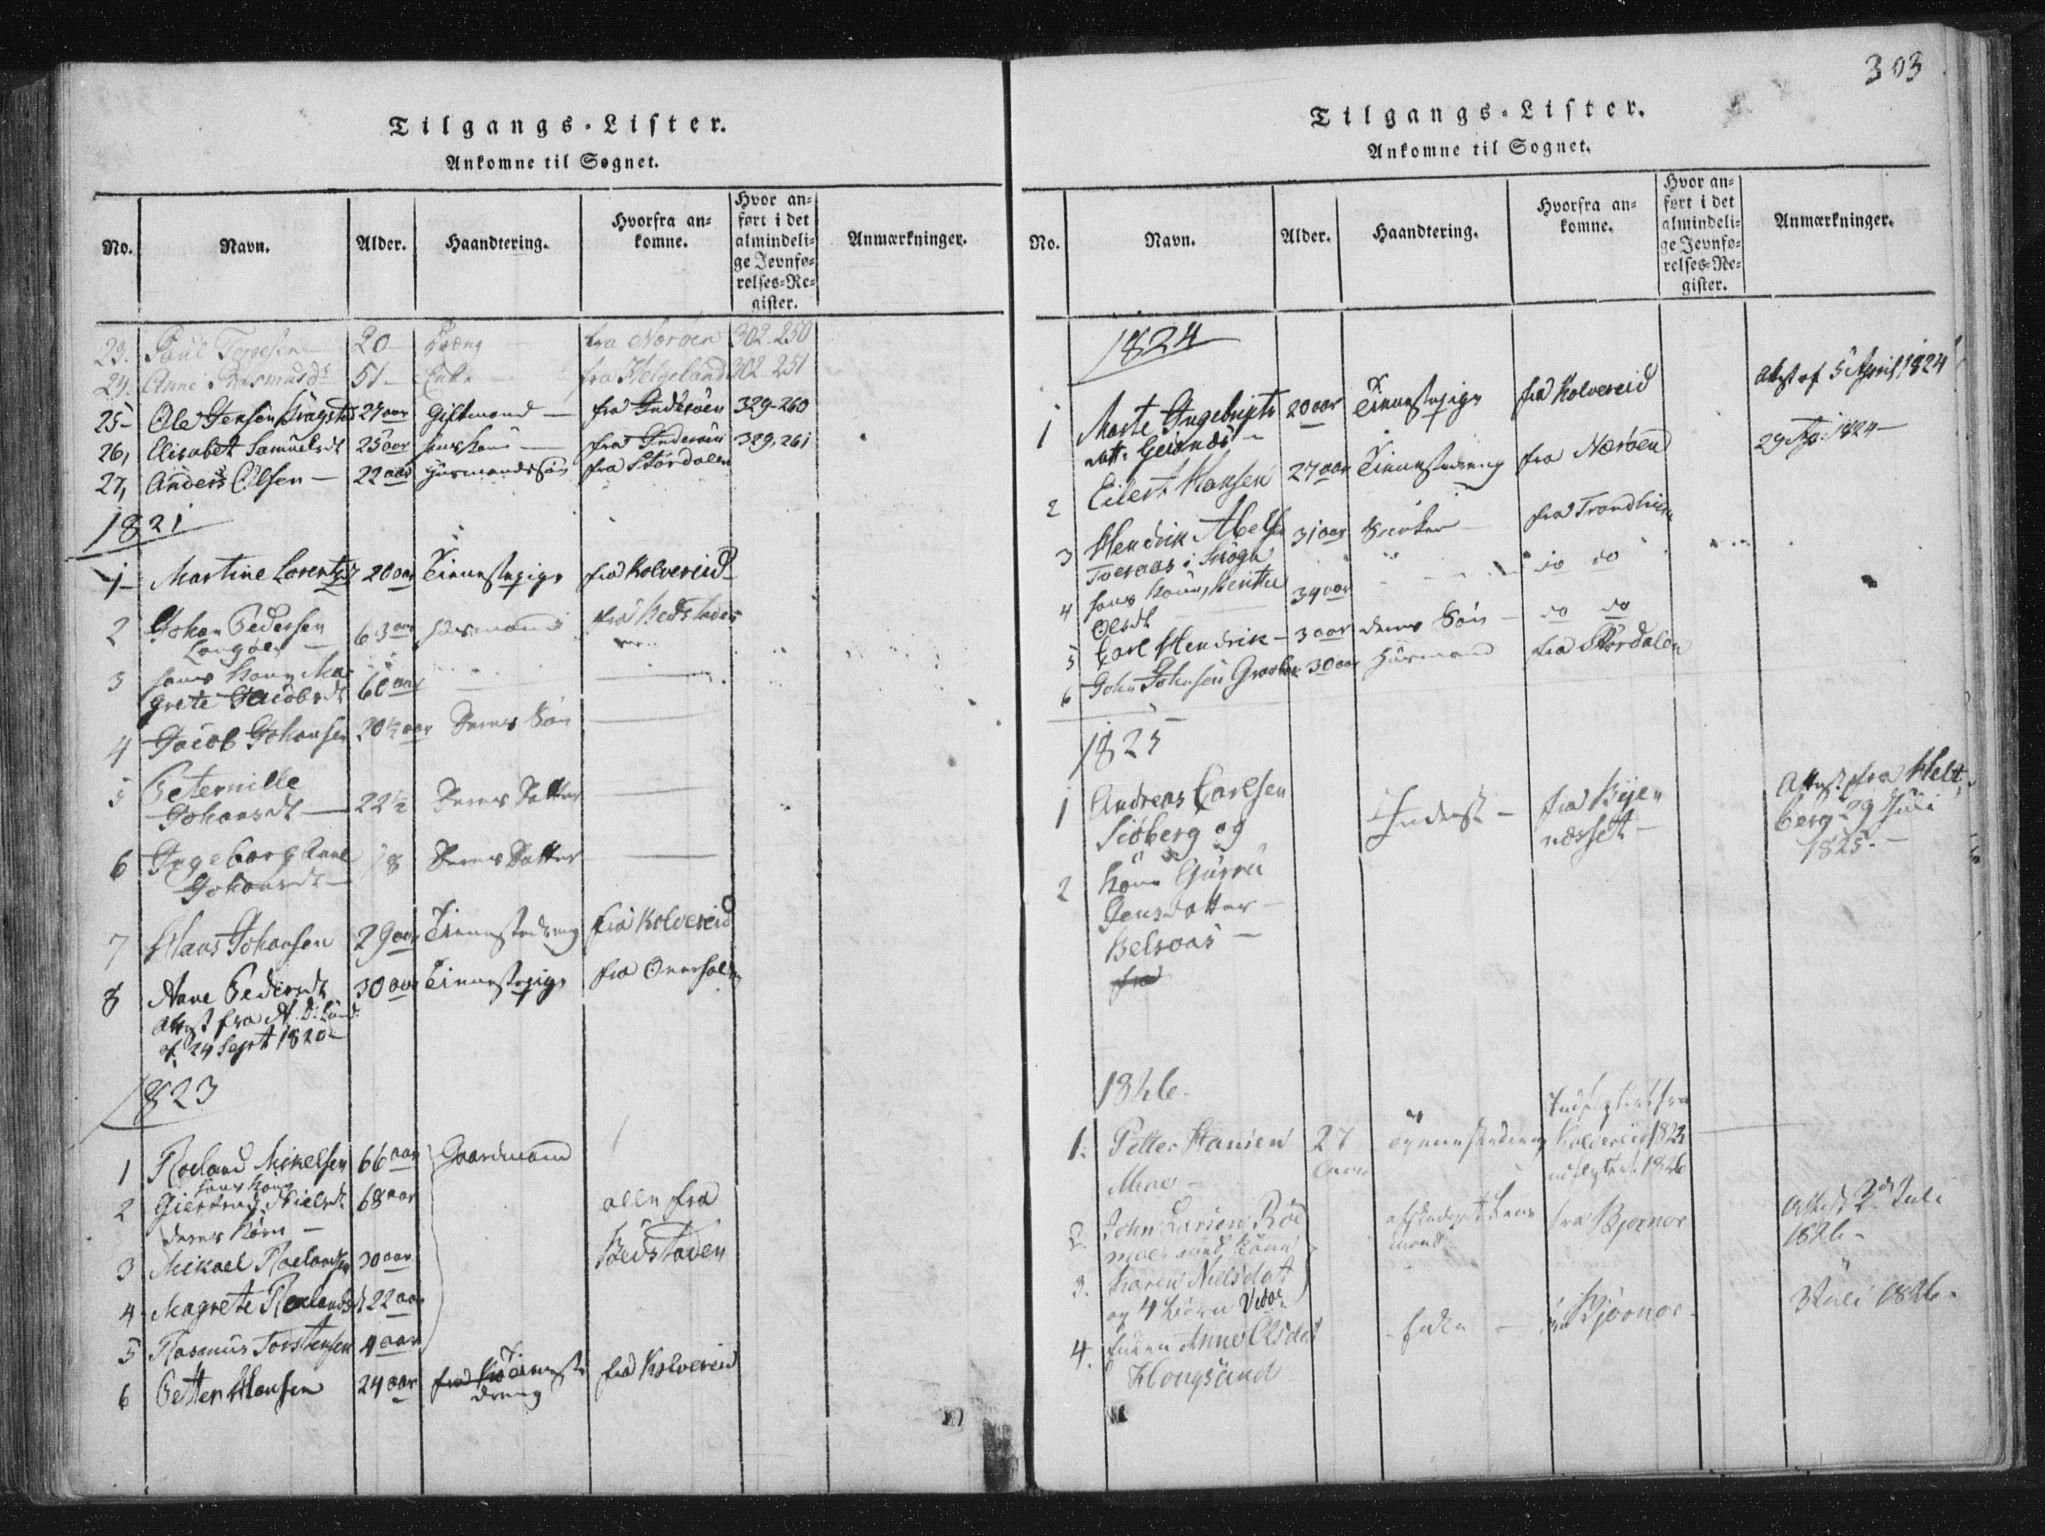 SAT, Ministerialprotokoller, klokkerbøker og fødselsregistre - Nord-Trøndelag, 773/L0609: Ministerialbok nr. 773A03 /1, 1815-1830, s. 303